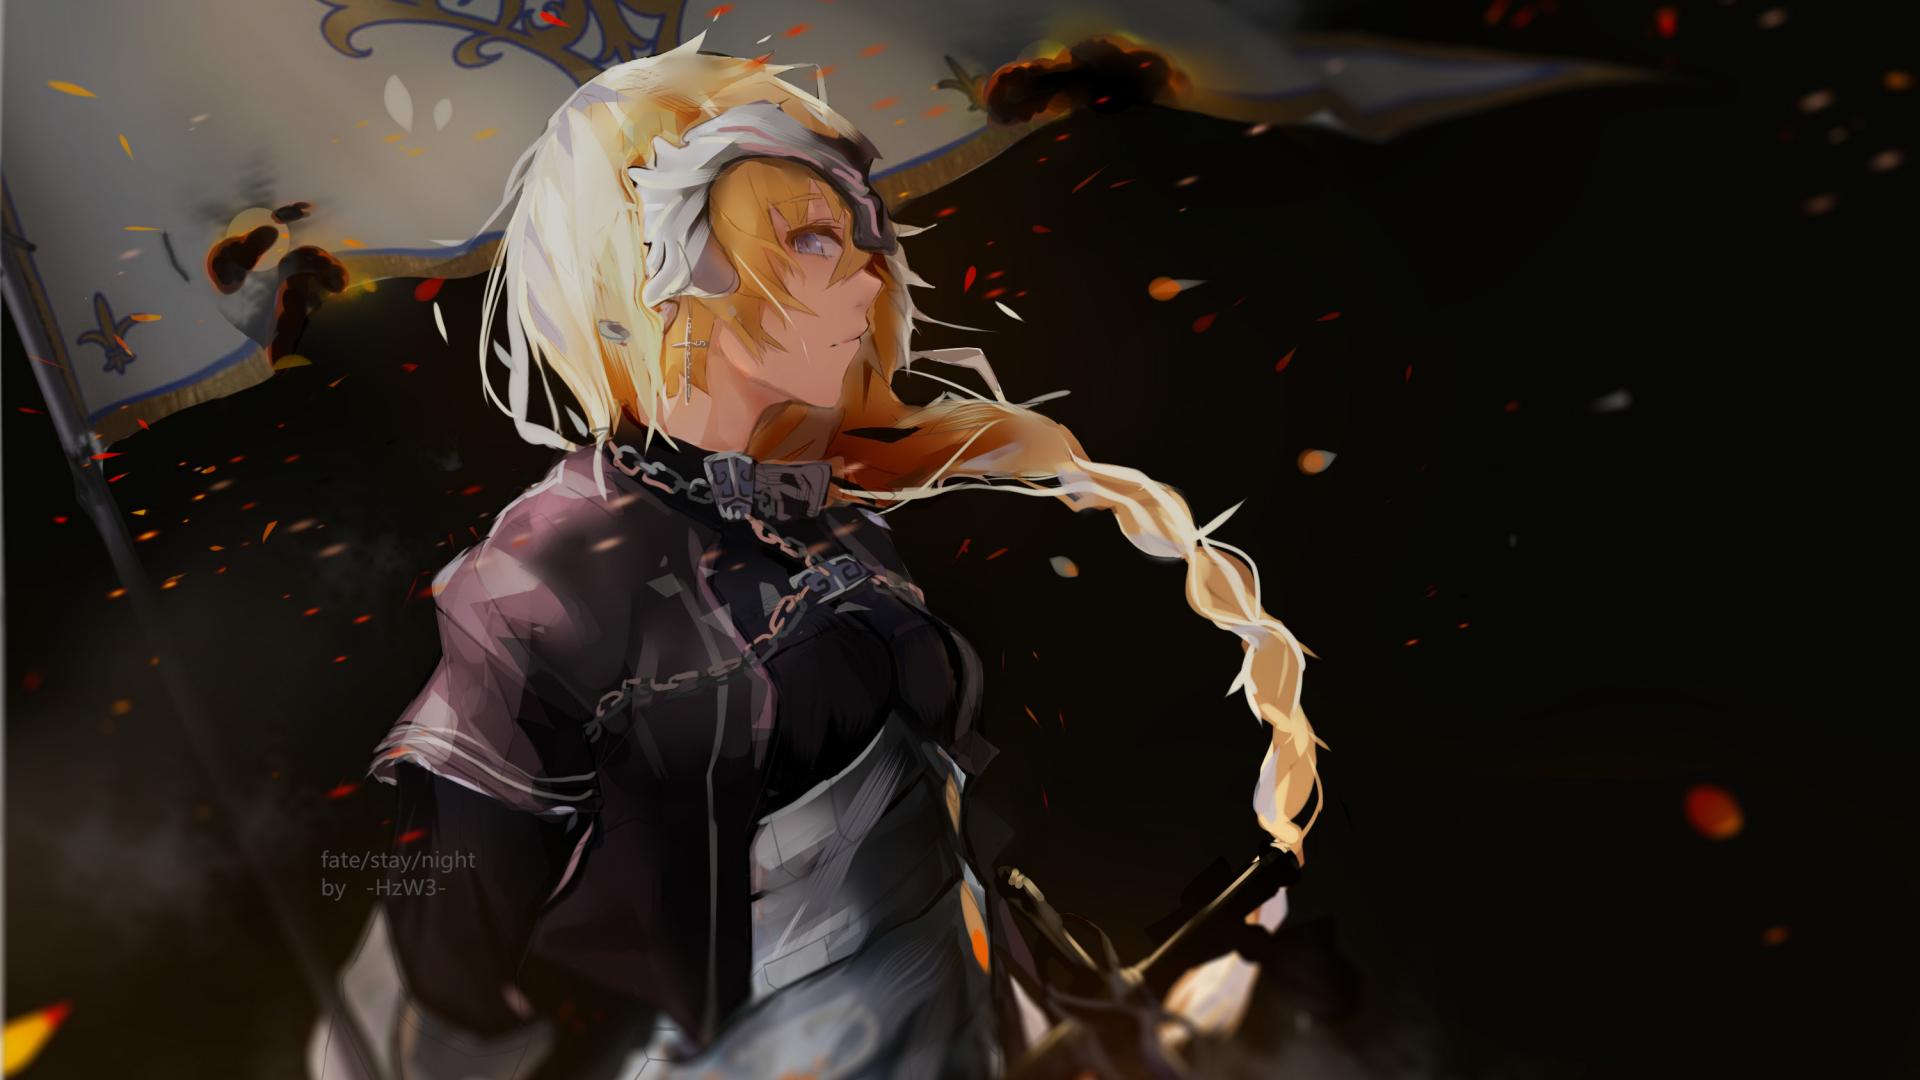 1920x1080 wallpaper Ruler, fate series, blonde anime girl, art, anime